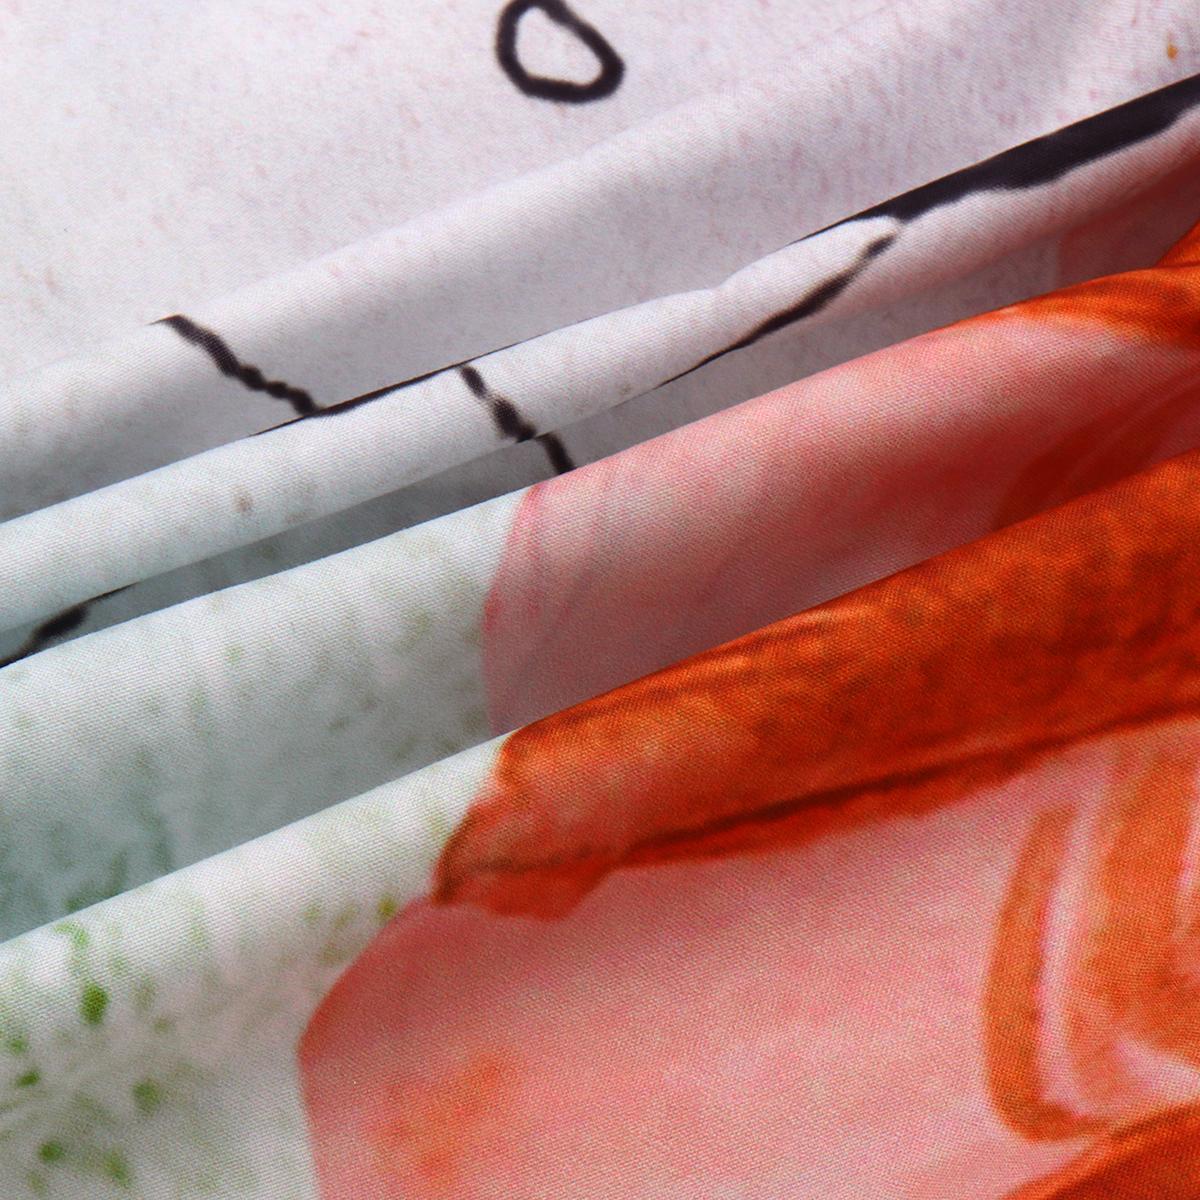 МорскаяЧерепахаПодвеснойГобеленСтеныДома Декоративные Tapete Спальня Одеяло Скатерть Yoga Мат - фото 11